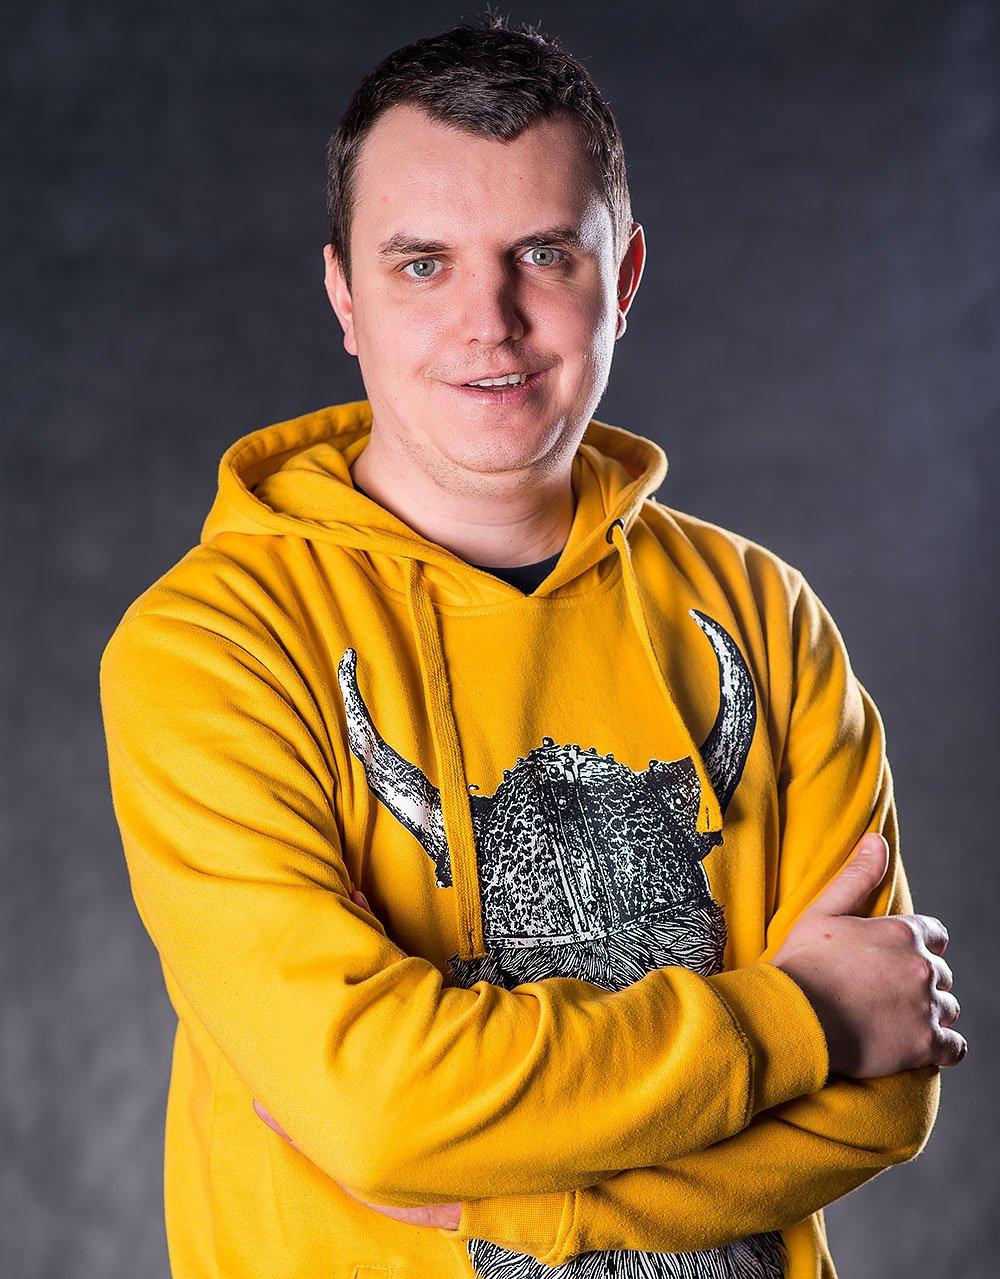 Andrzej Opyrchał